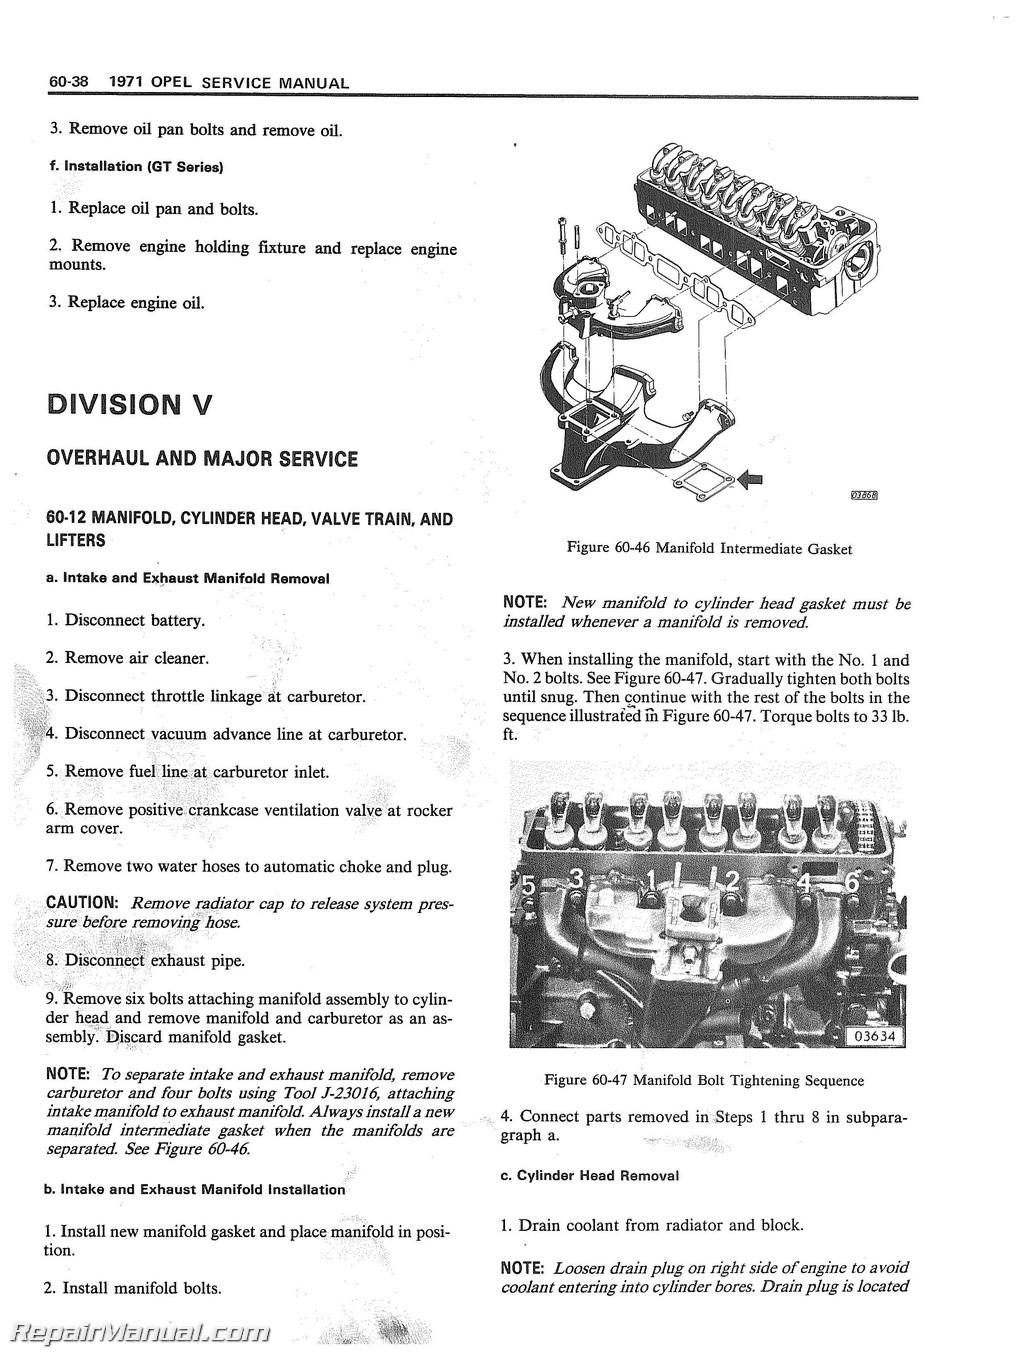 1971 opel 1900 gt service manual rh repairmanual com opel kadett service manual pdf opel kadett e service manual